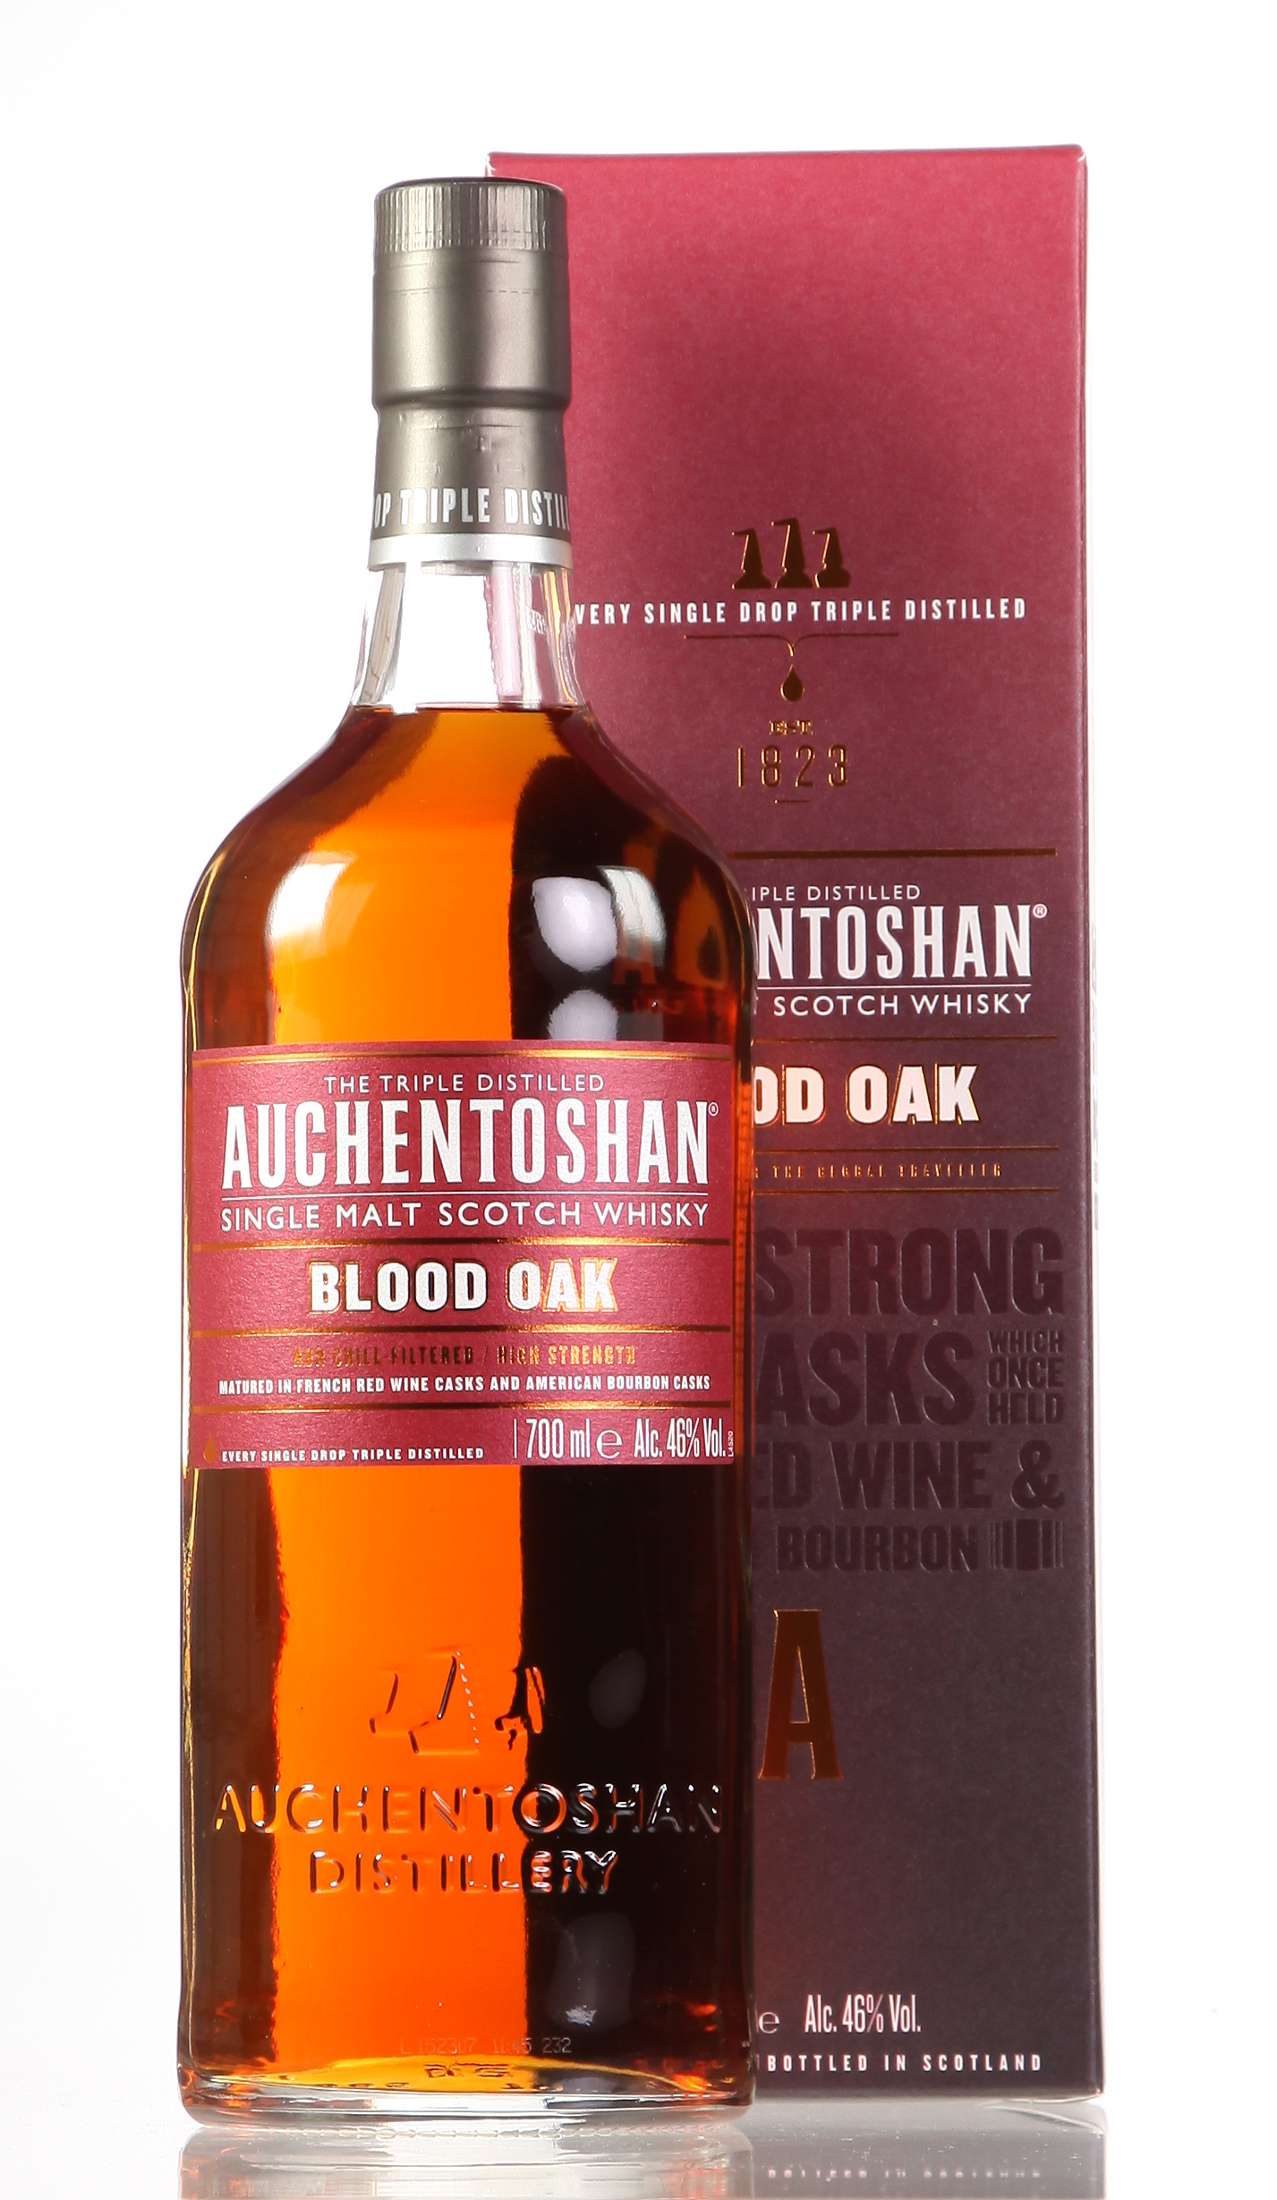 Auchentoshan Blood Oak